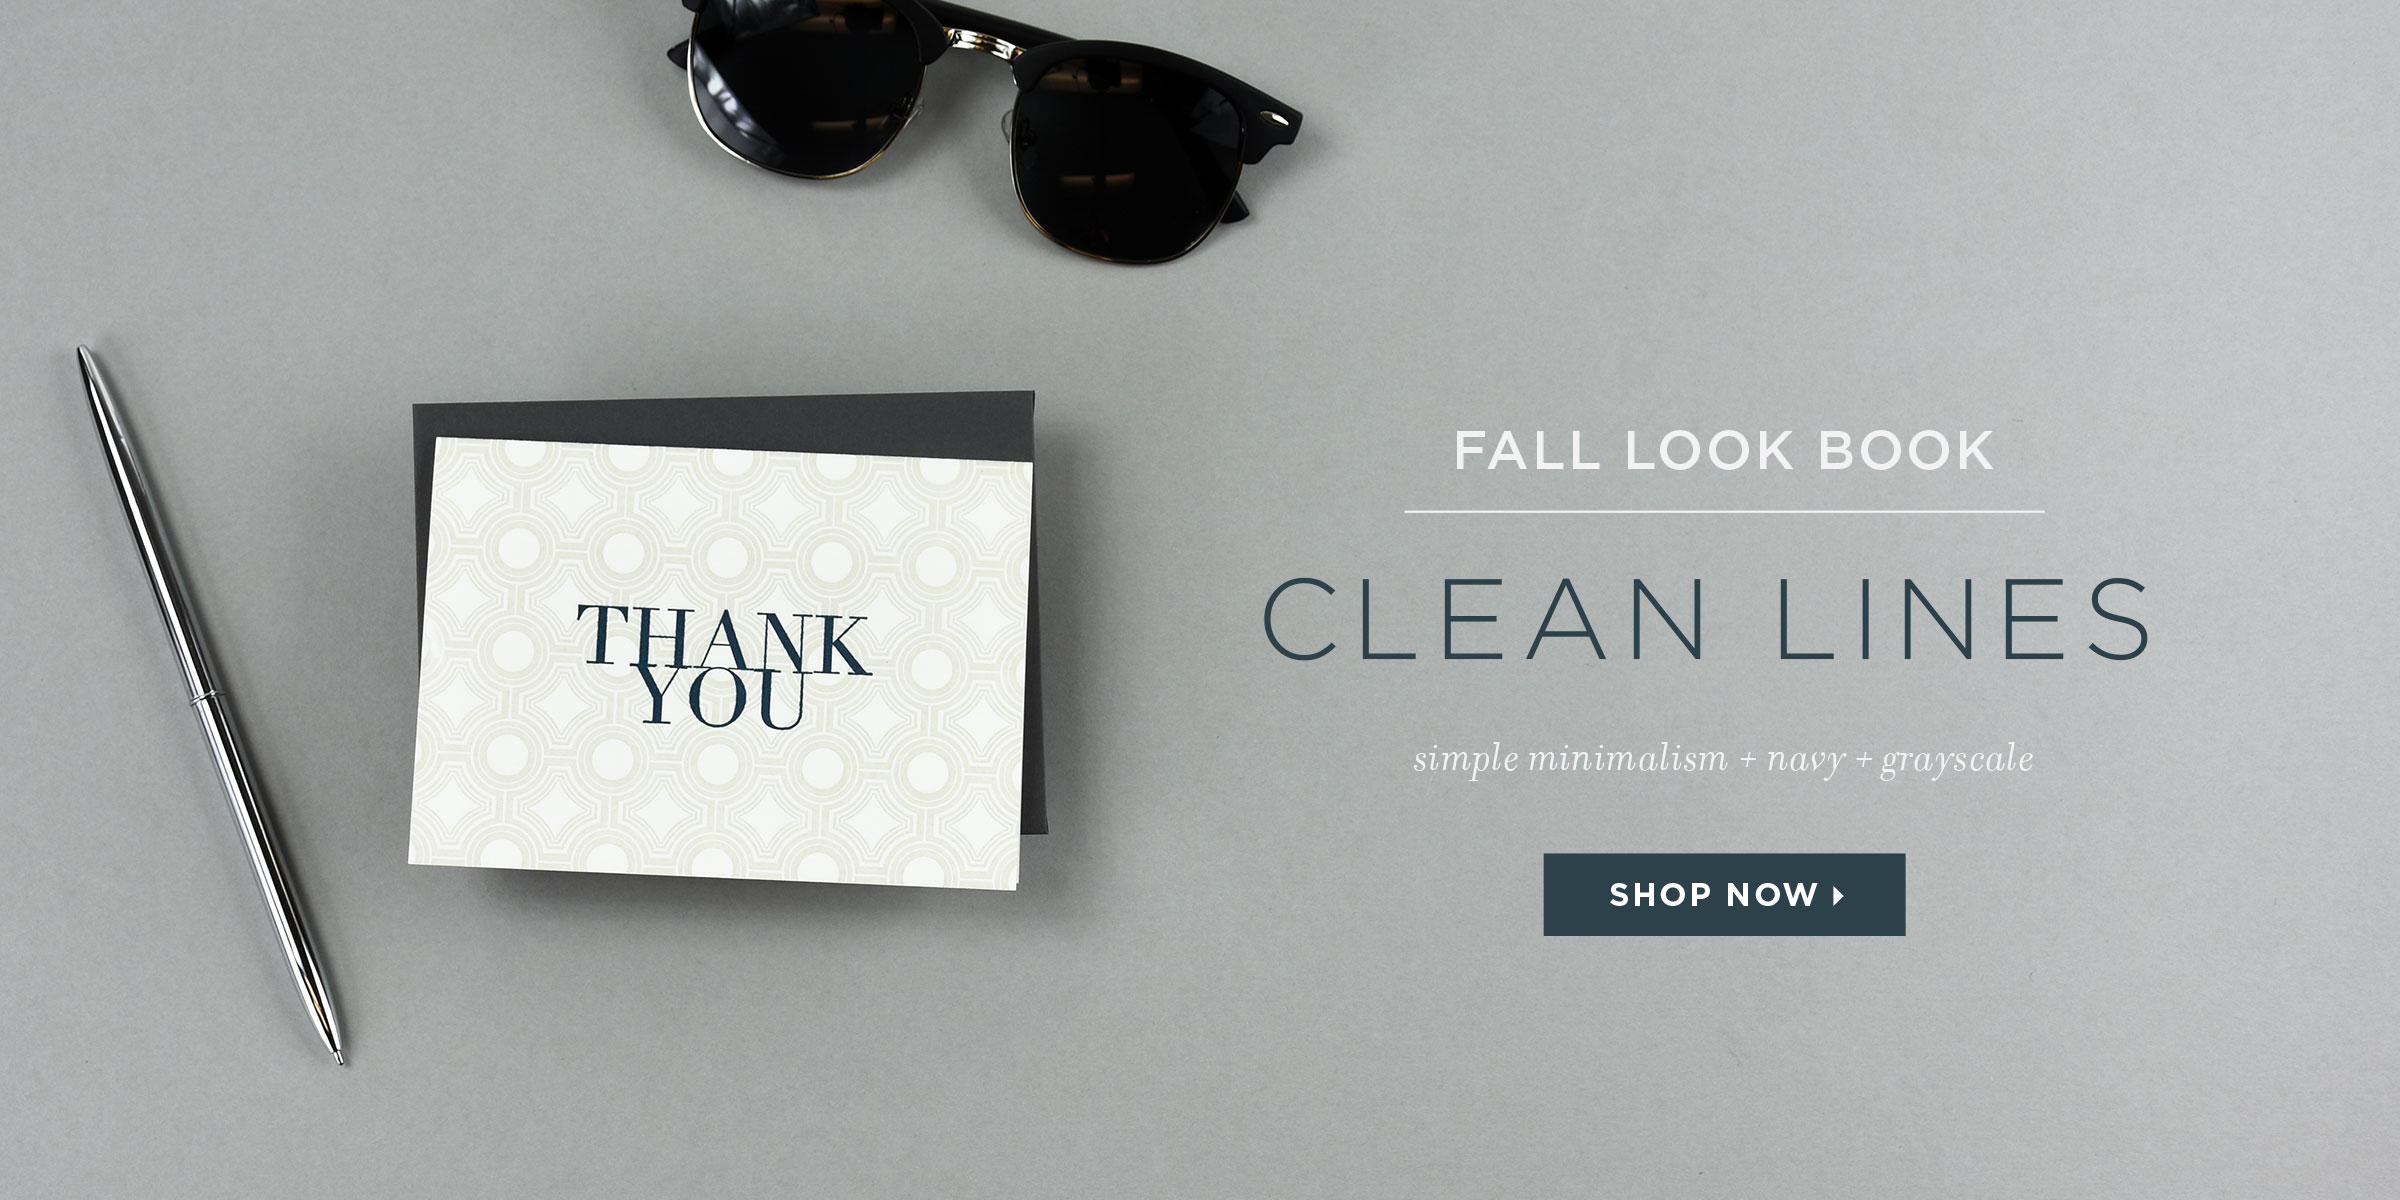 Elum Fall Look Book - Clean Lines